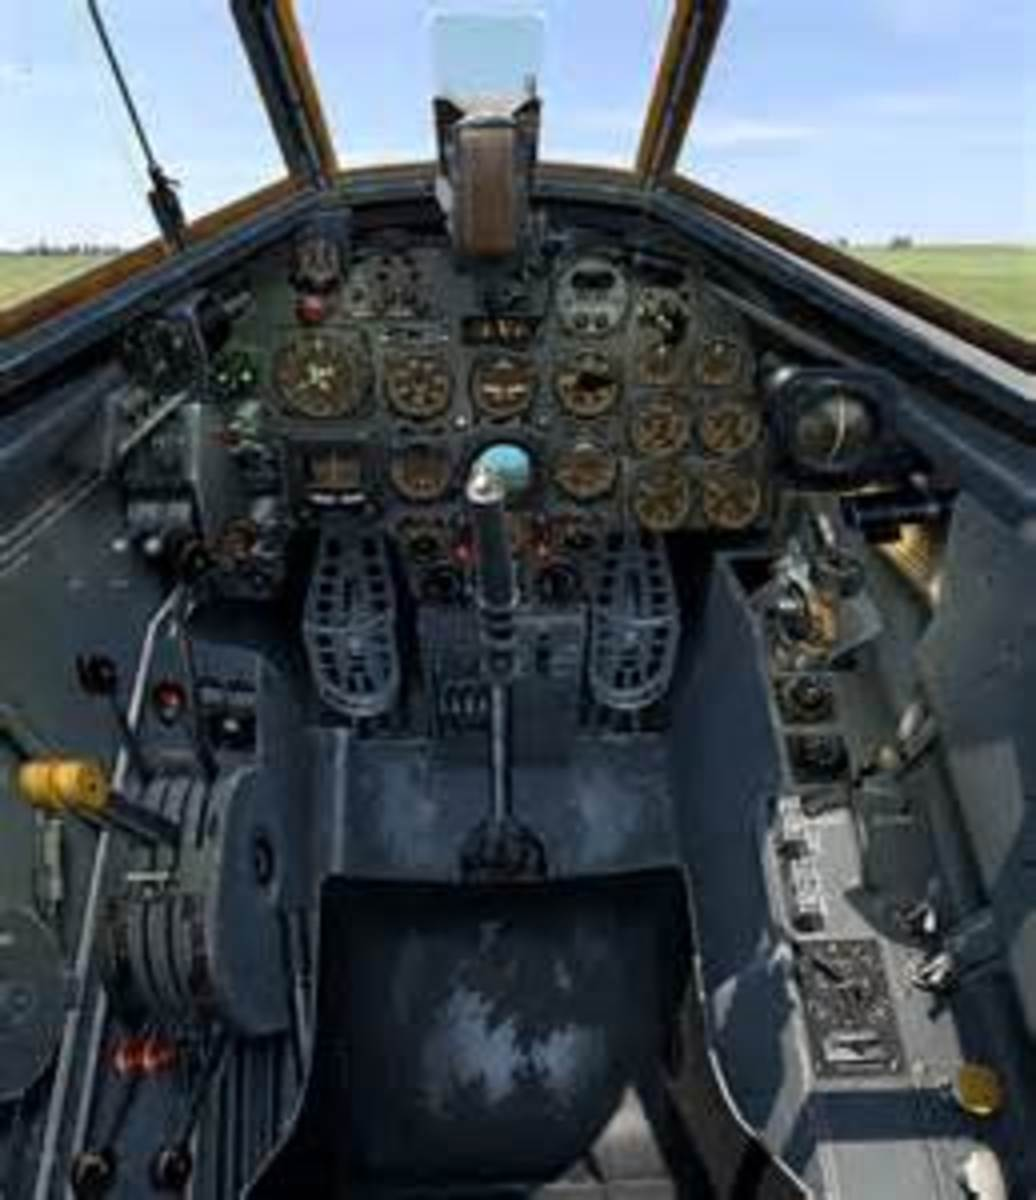 Me110 cockpit